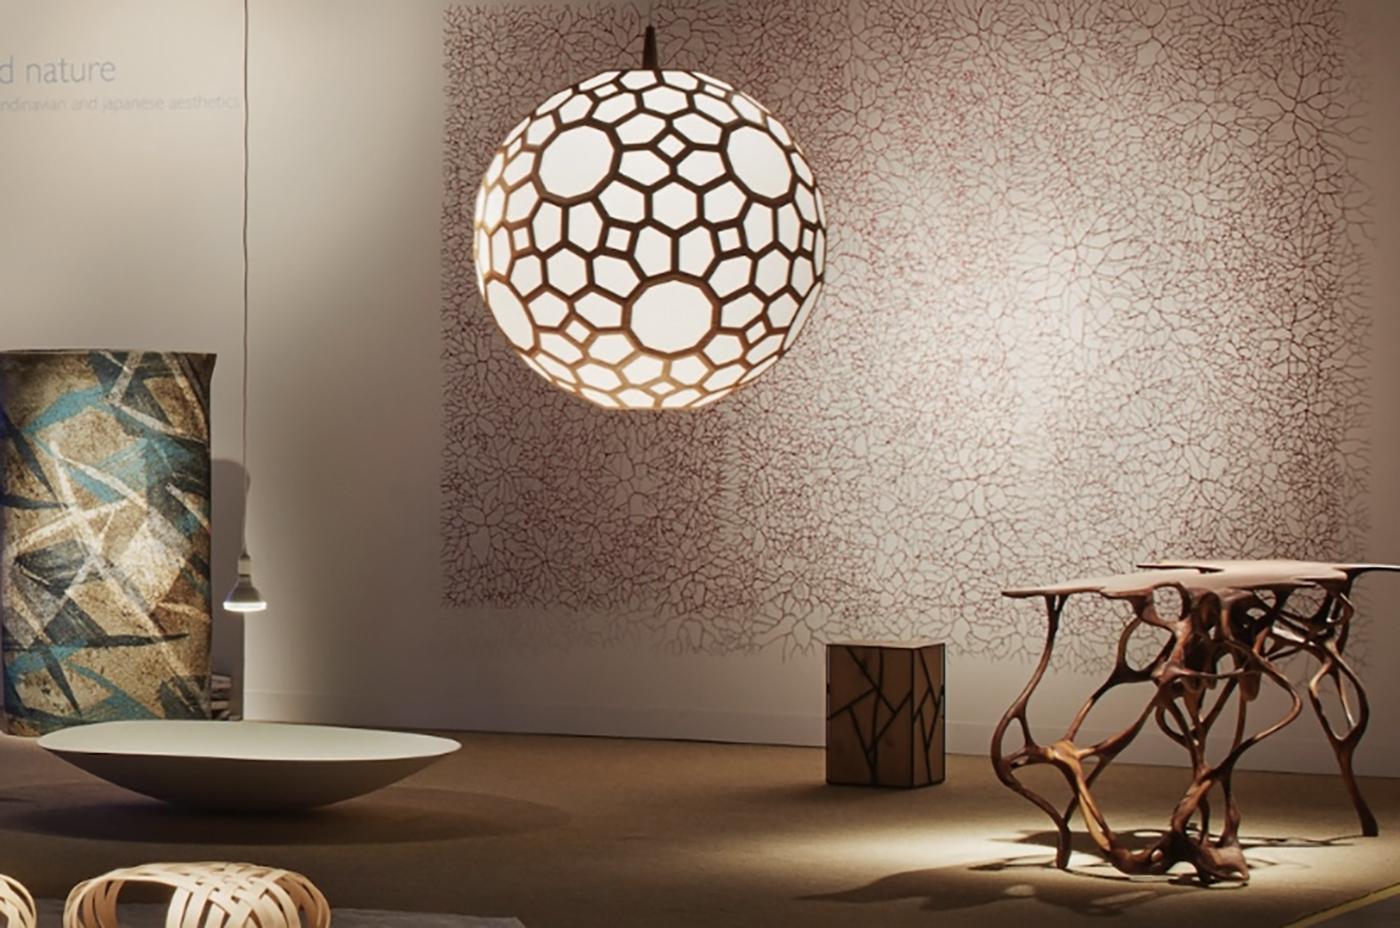 Design Basel